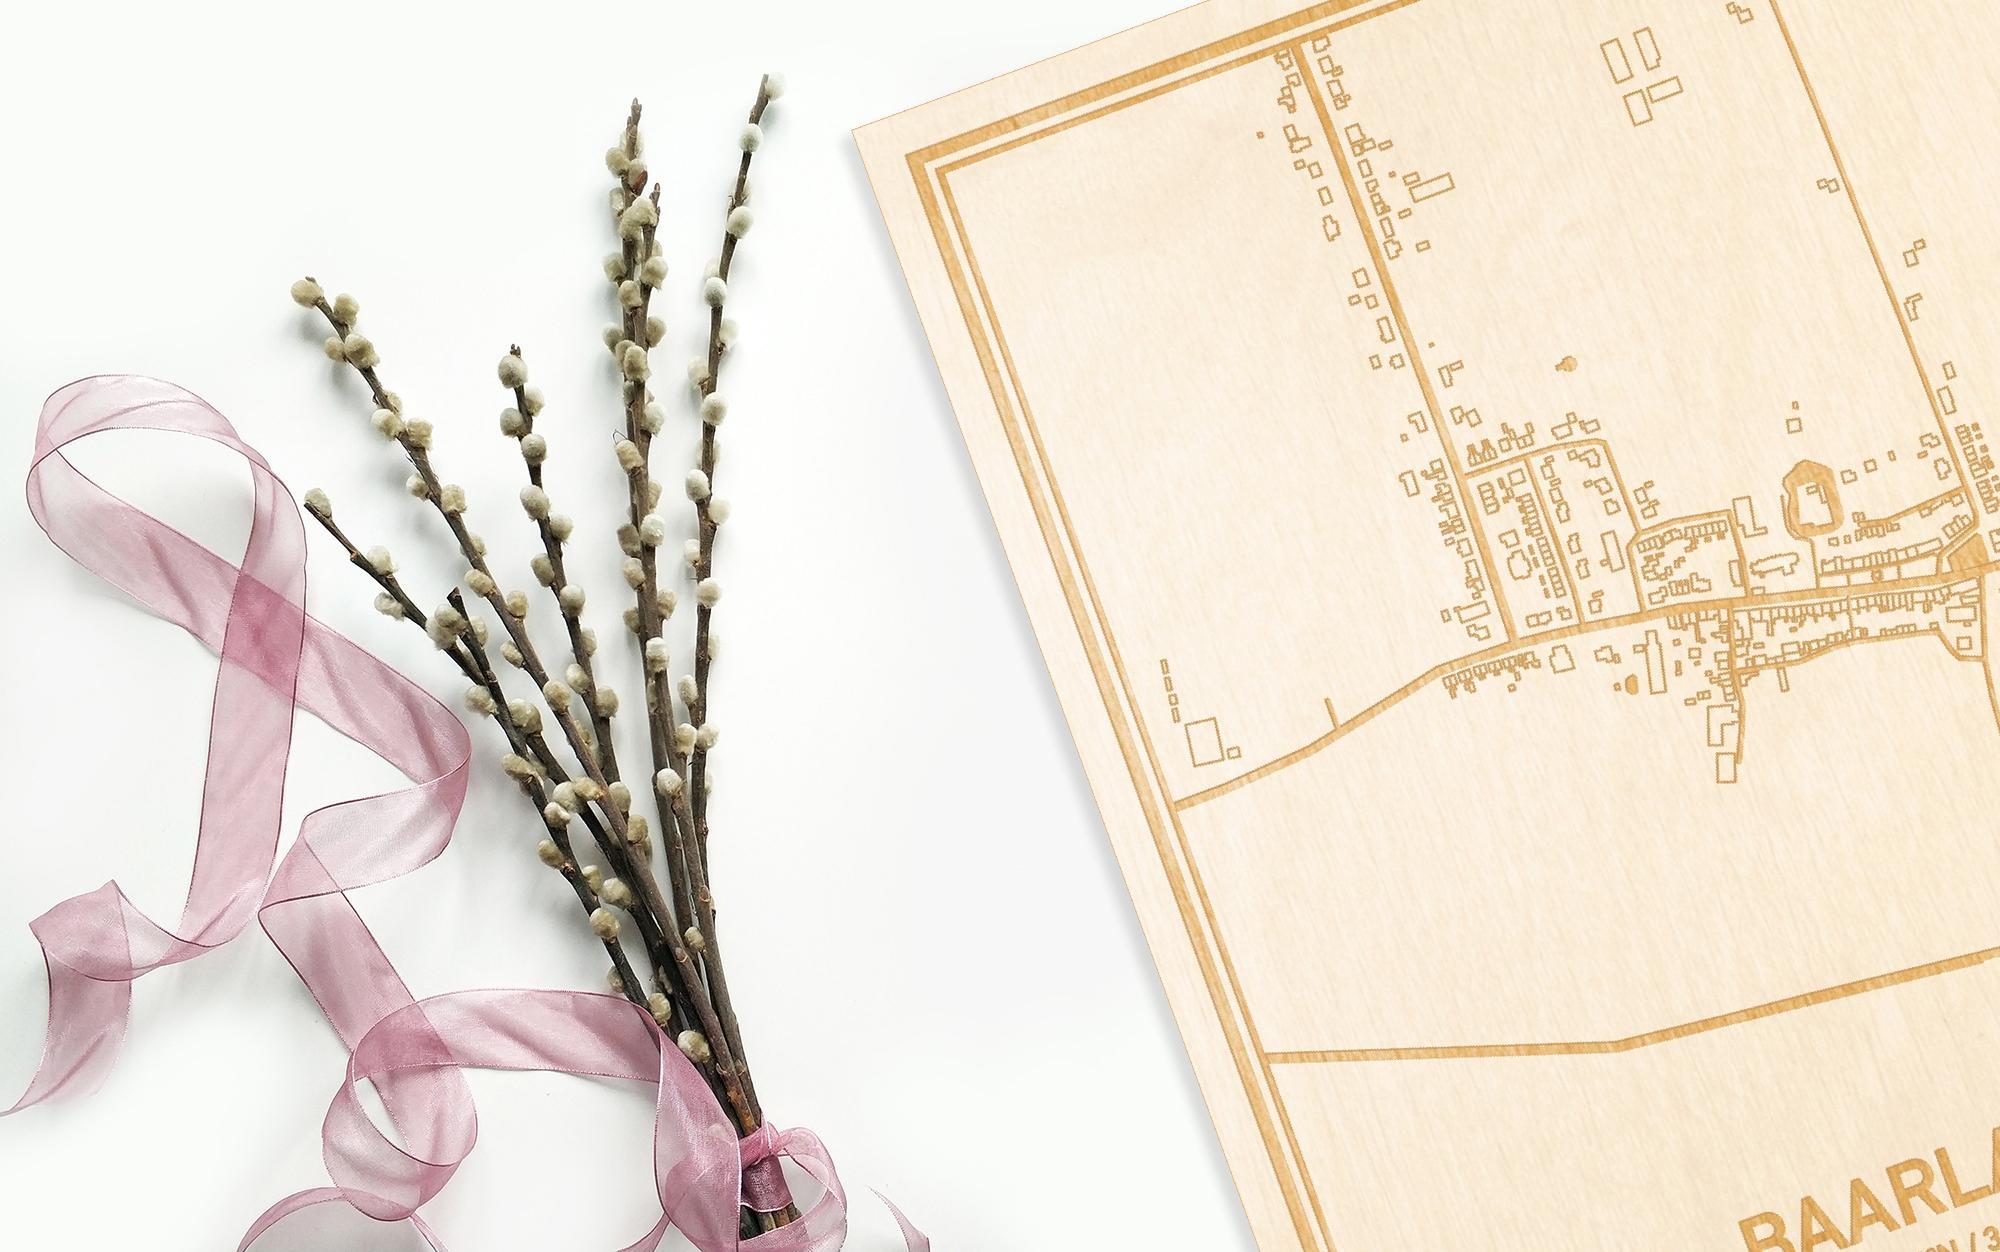 Hier ligt de houten plattegrond Baarland naast een bloemetje als gepersonaliseerd cadeau voor haar.